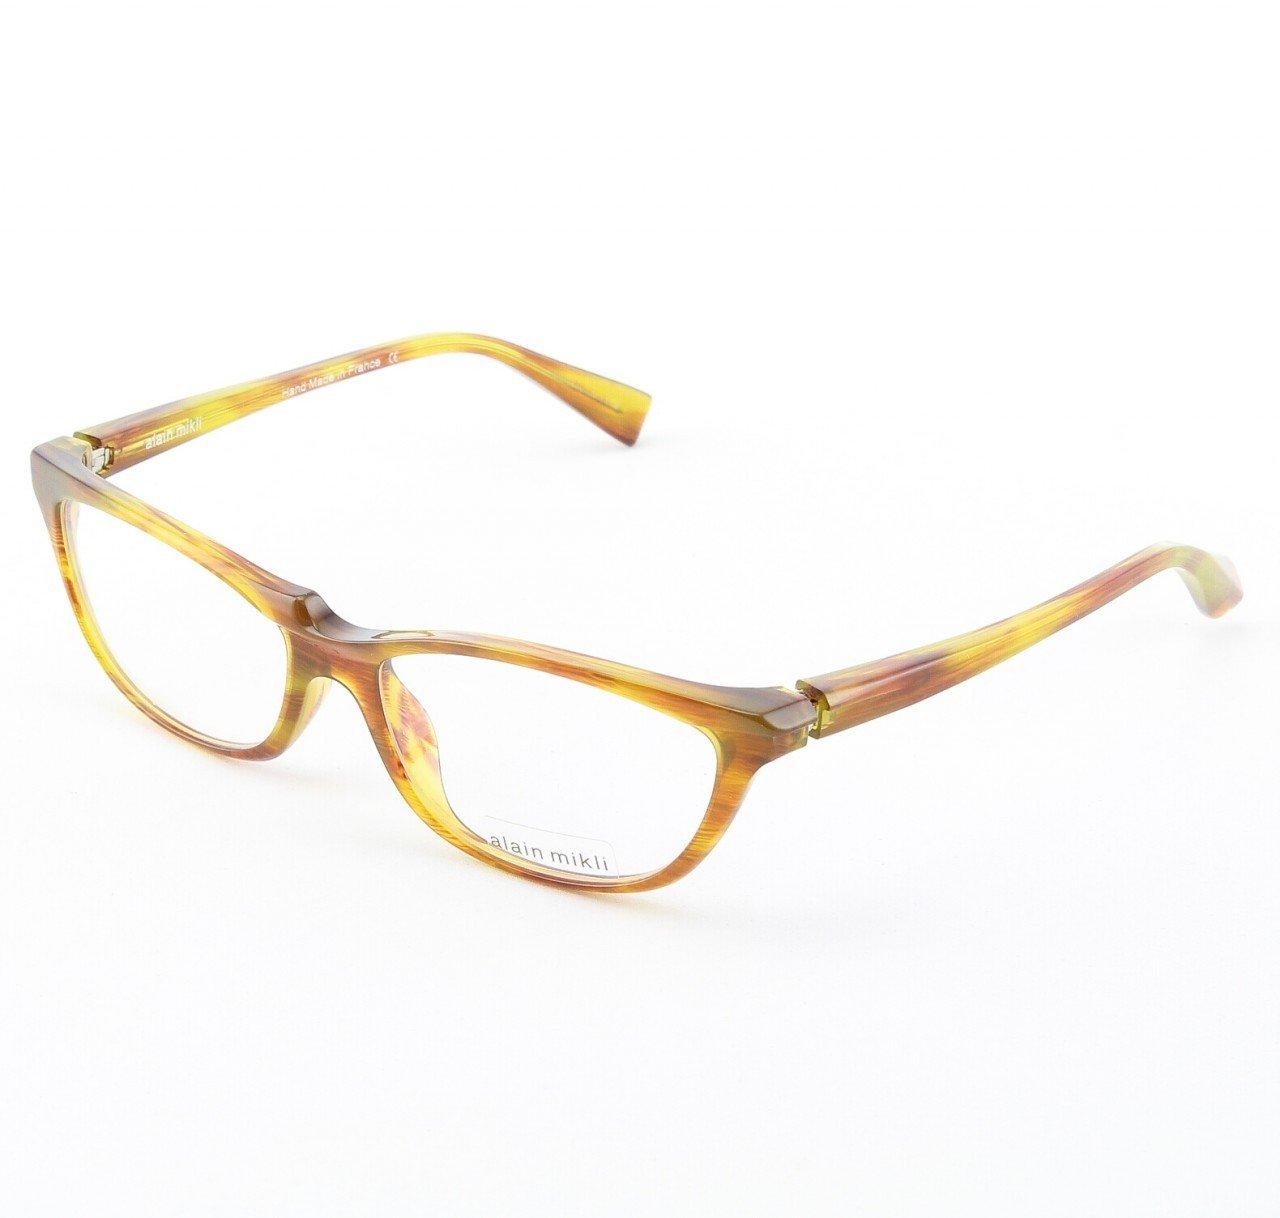 Alain Mikli Eyeglasses AL0882 Col. 1 Mottled Green and Brown